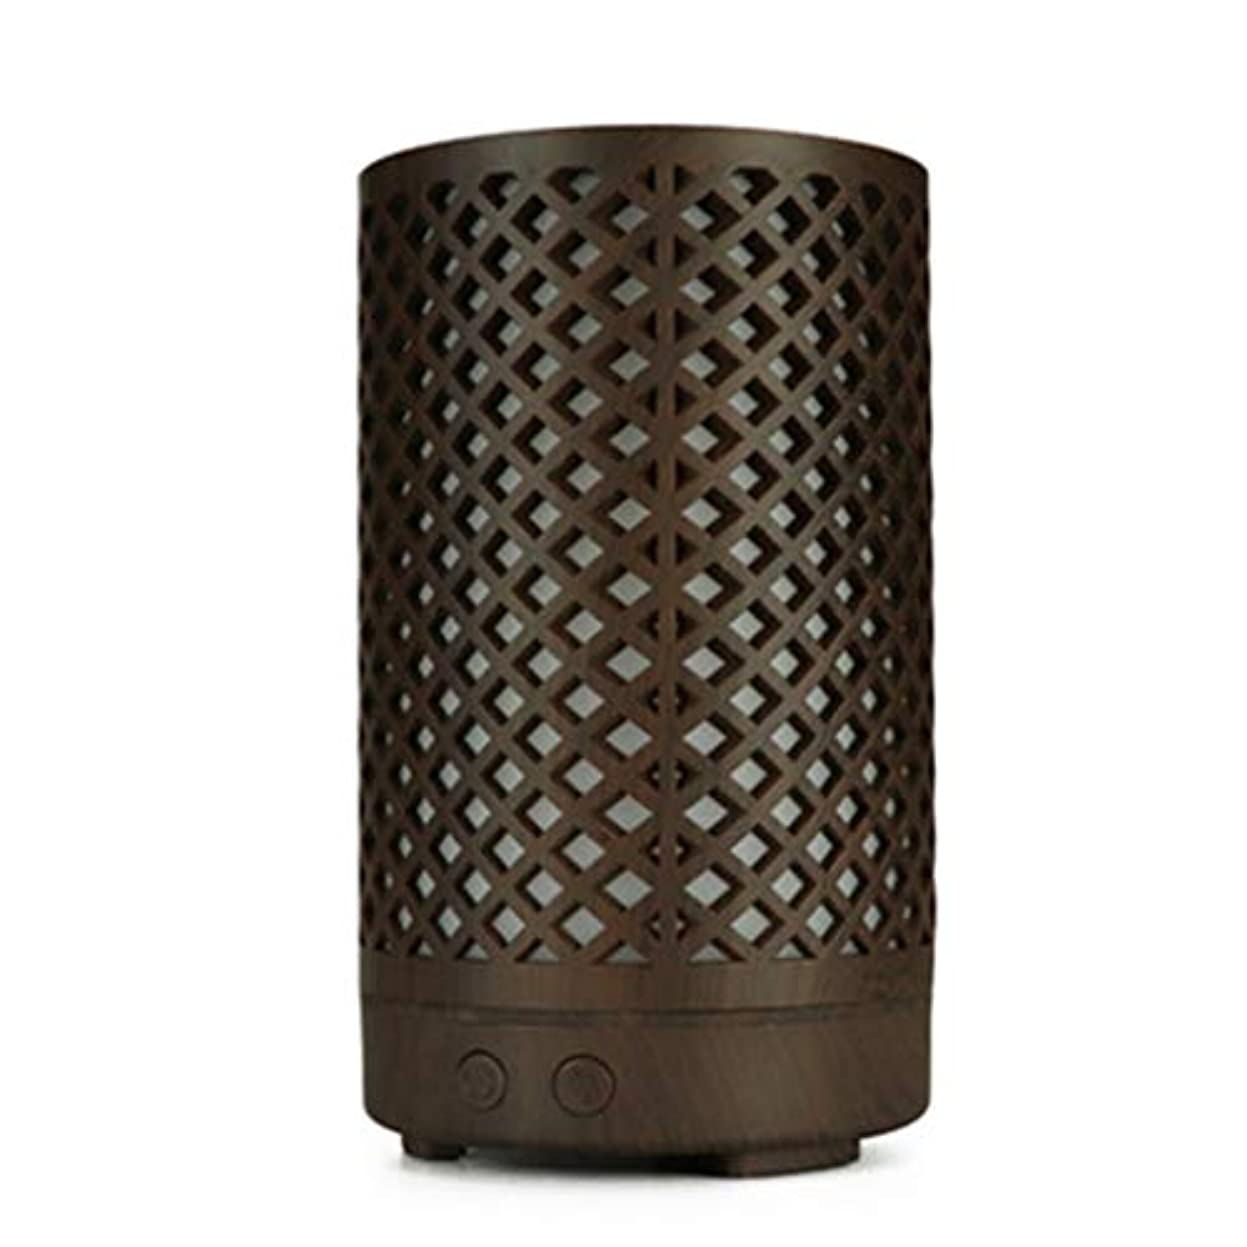 首相議題高原木目加湿器家庭用100ミリリットルミニデスクトップカラフルなアロマテラピーマシン (Color : Dark wood grain)